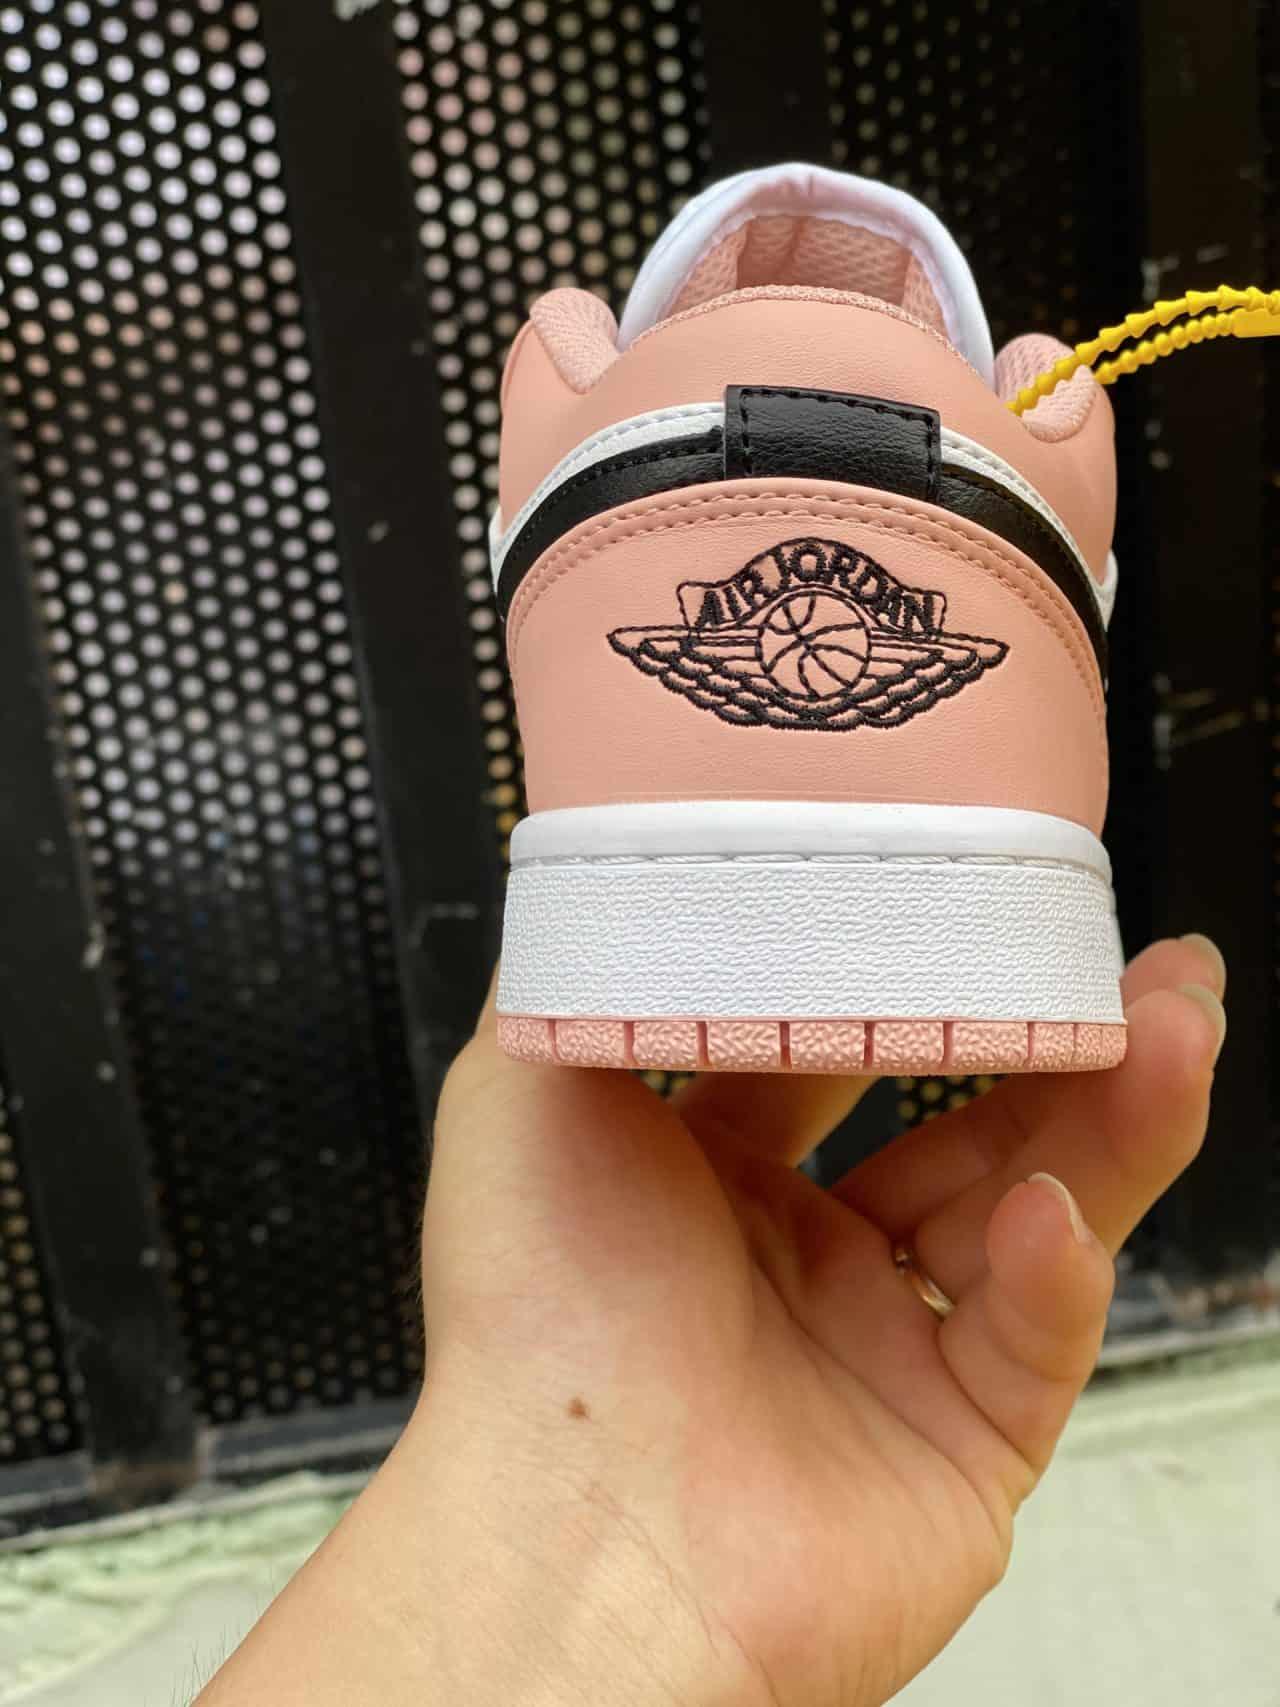 Giày Jordan 1 Low rep 1:1 màu hồng có form dáng chuẩn